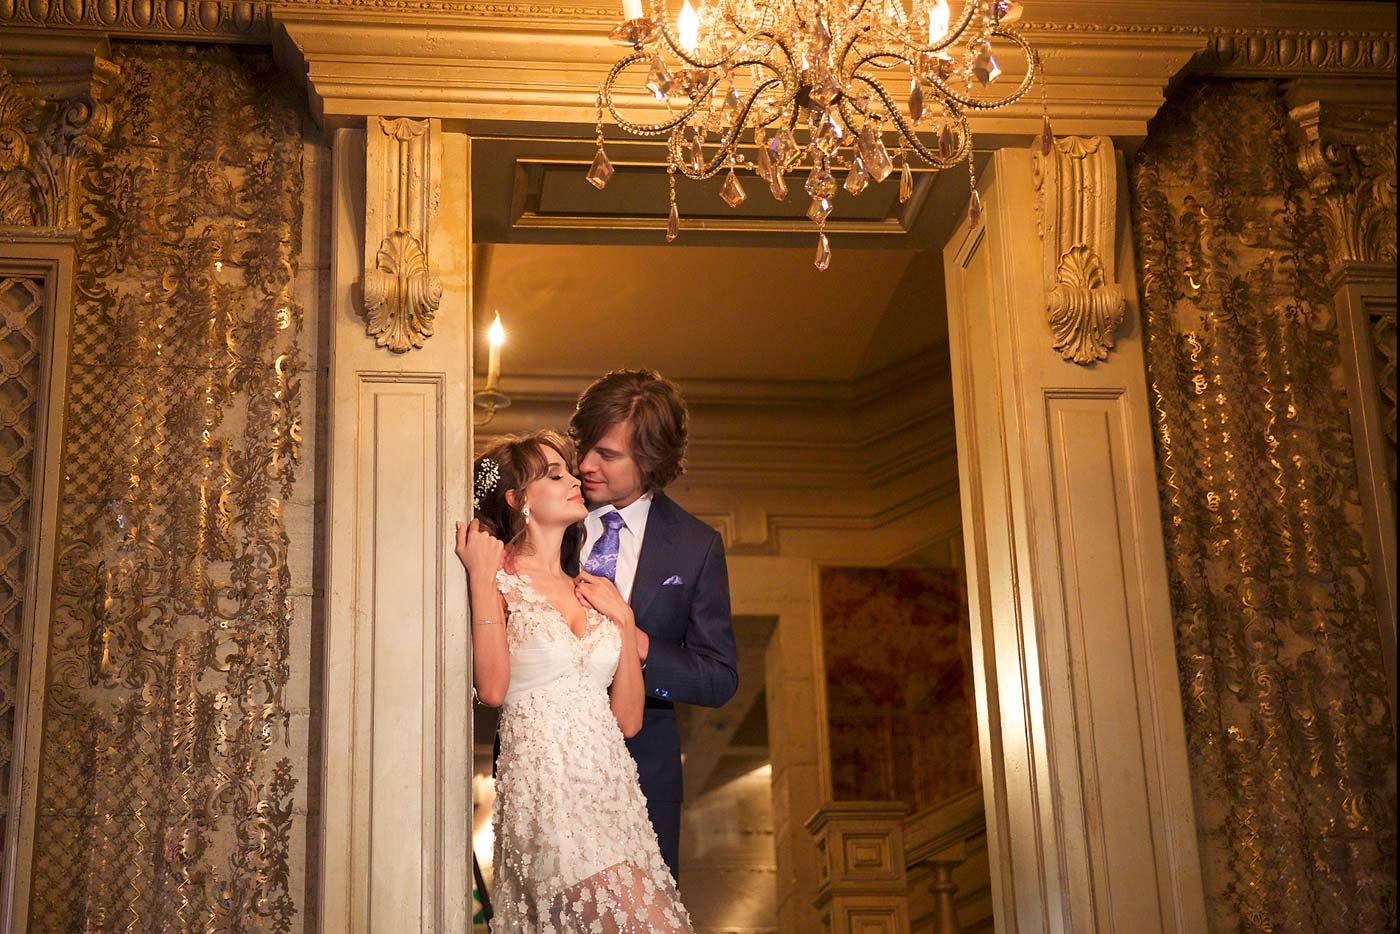 центральному свадьба прохора шаляпина и анны калашниковой фото приготовления